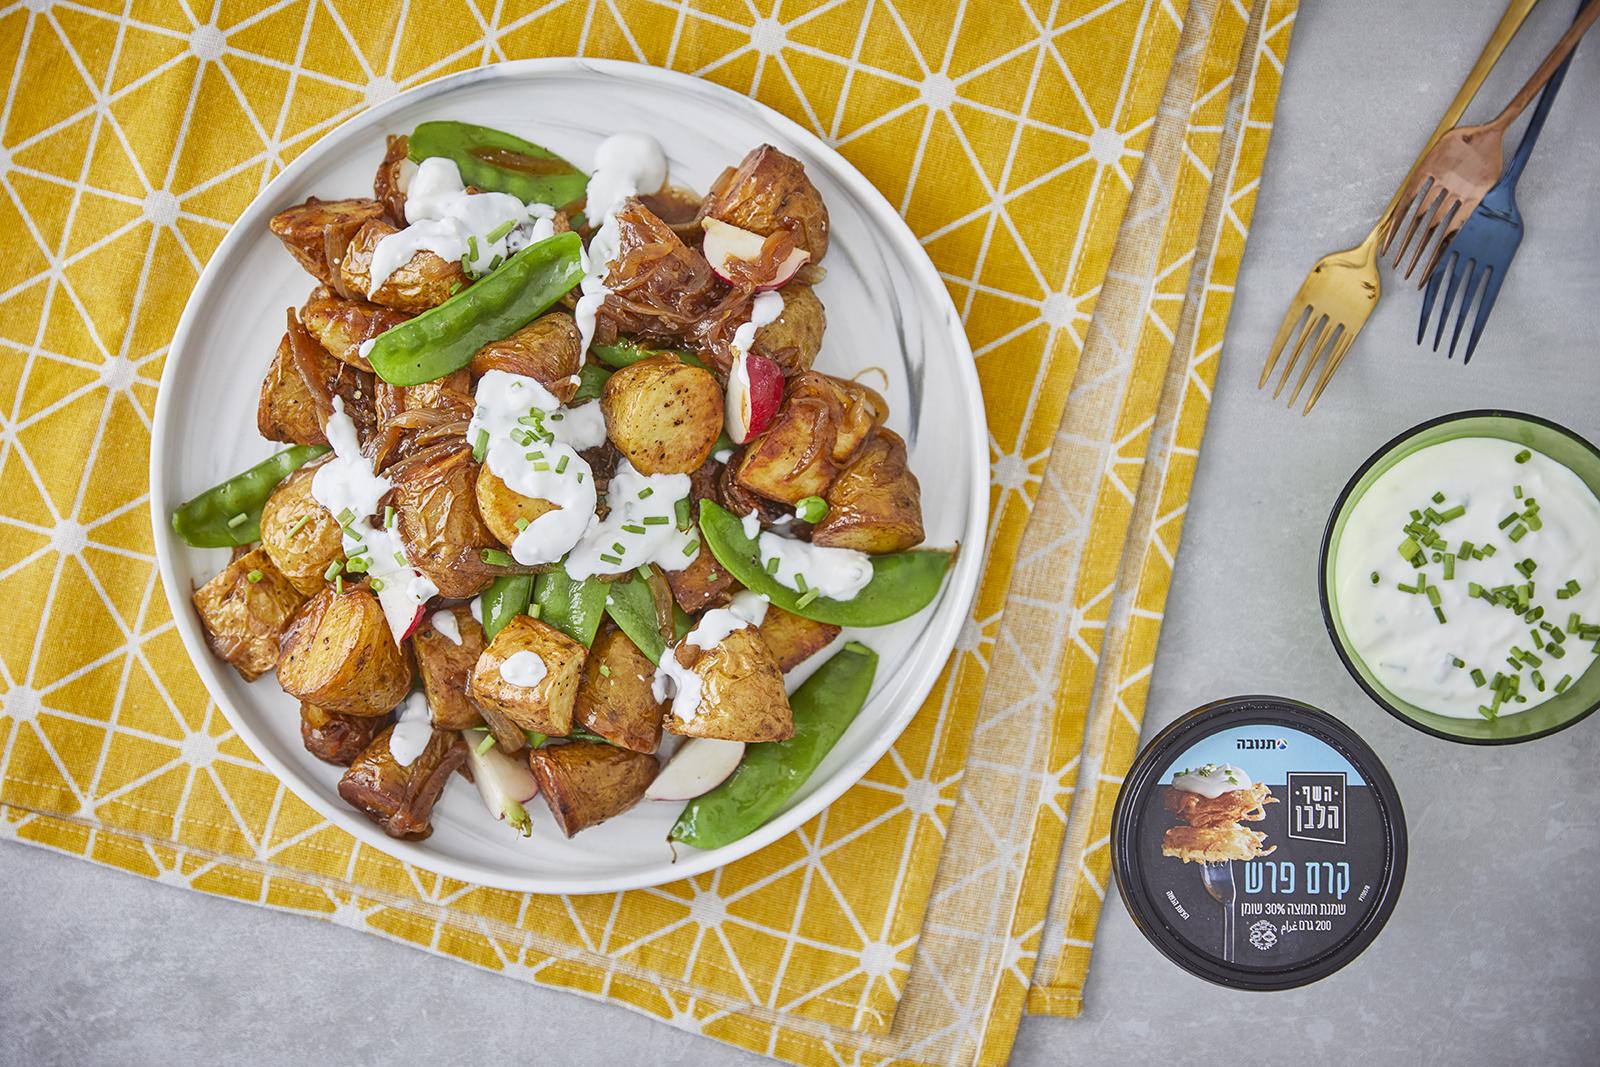 סלט תפוחי אדמה צלויים ובצל מקורמל עם רוטב קרם פרש ויוגורט. צילום: אפיק גבאי